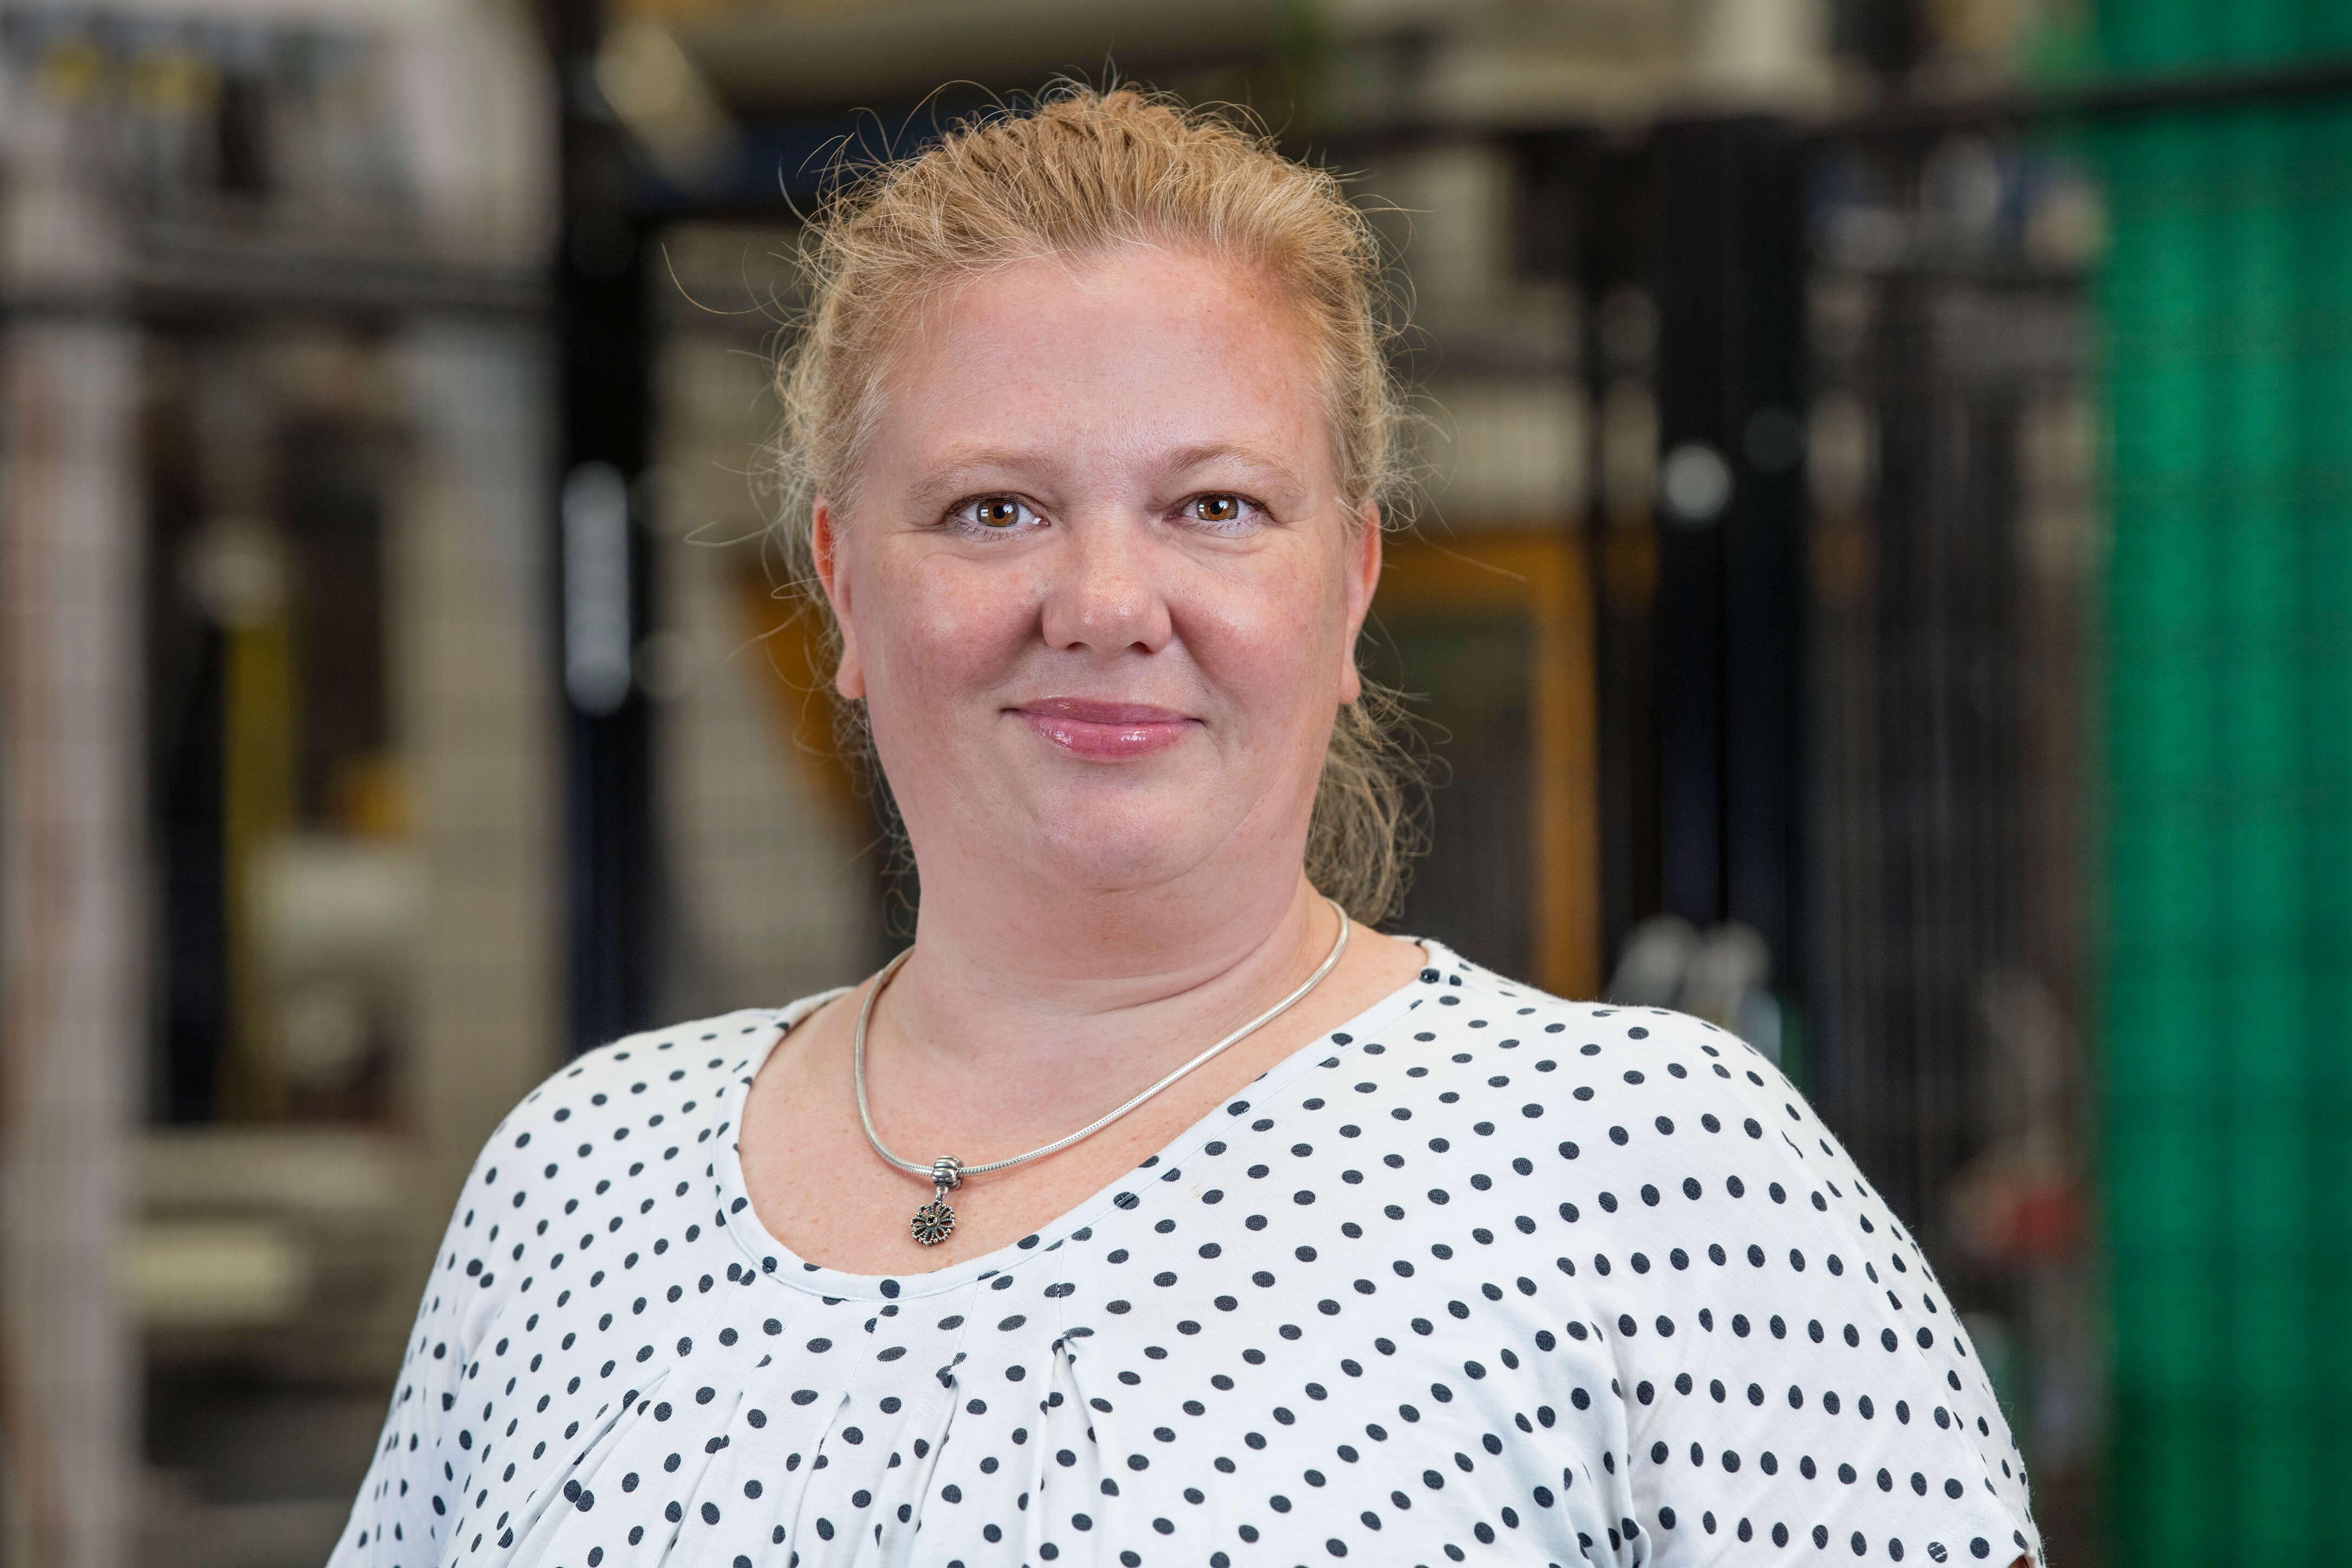 Susanne Hehl Olsen